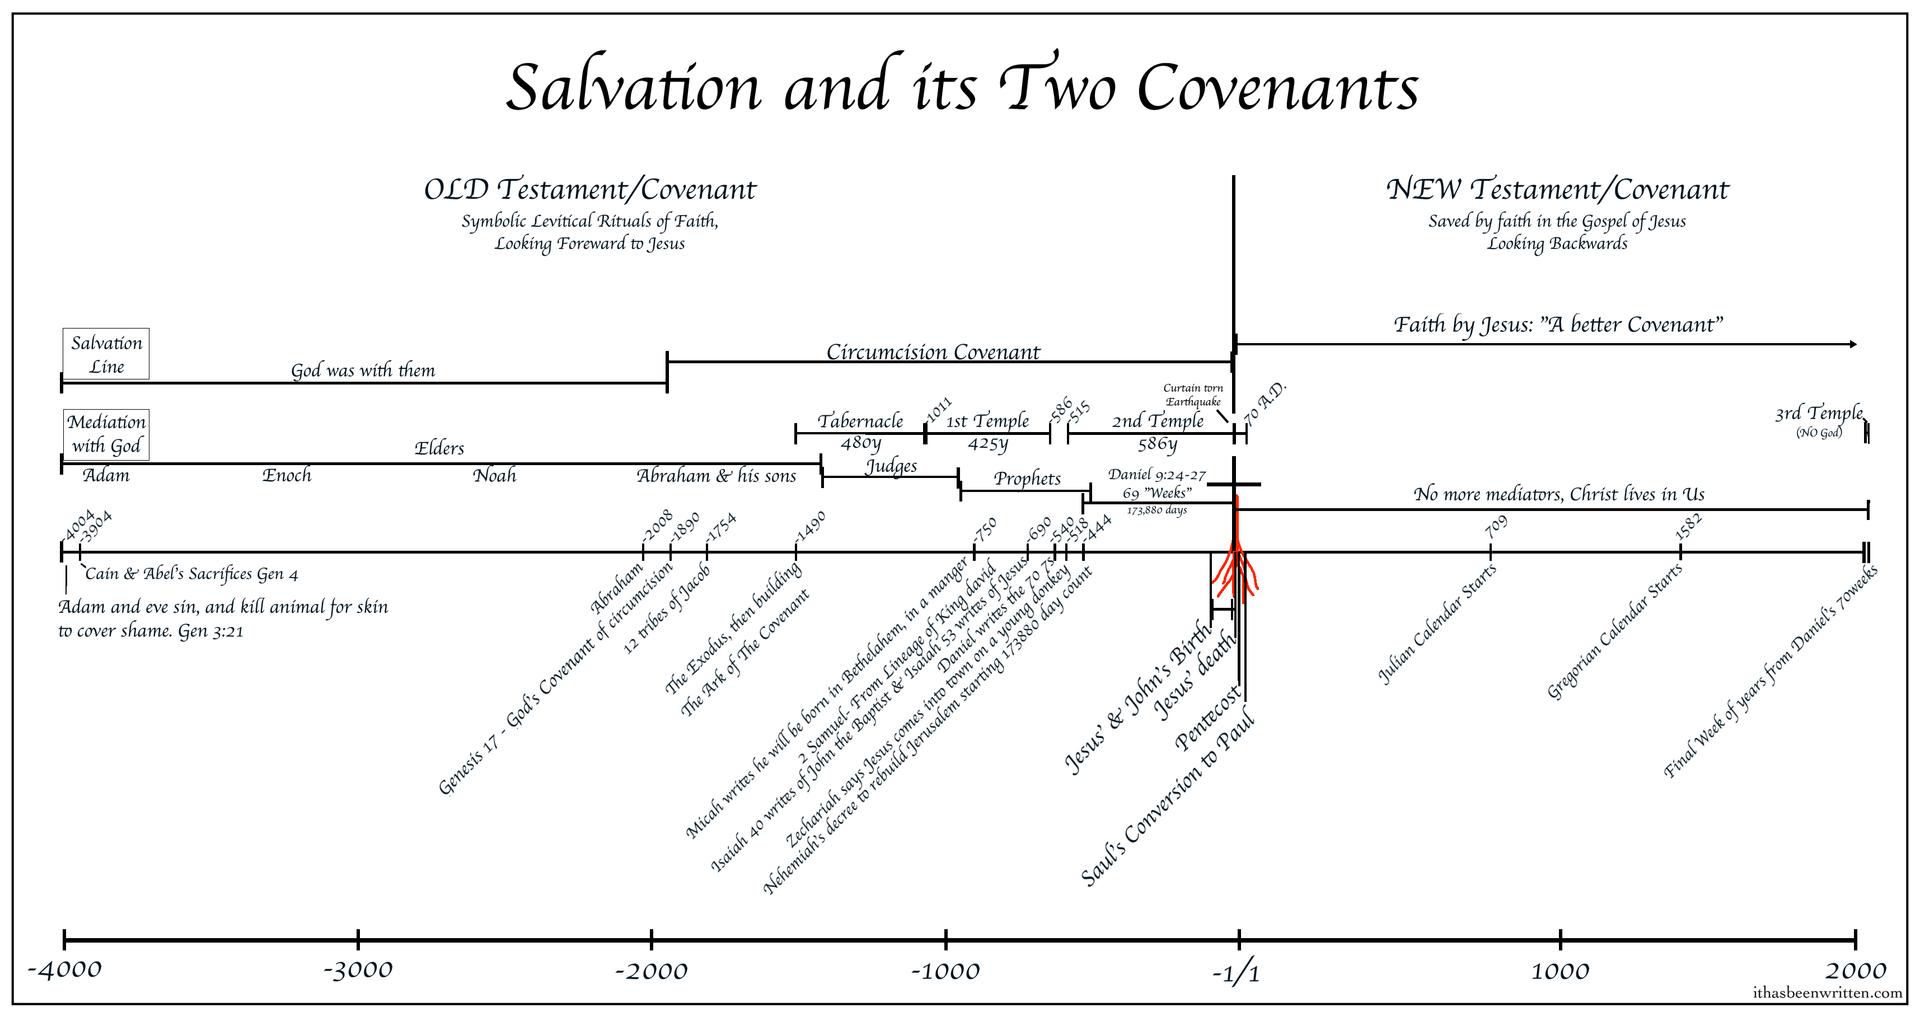 Salvation timeline bmp.bmp